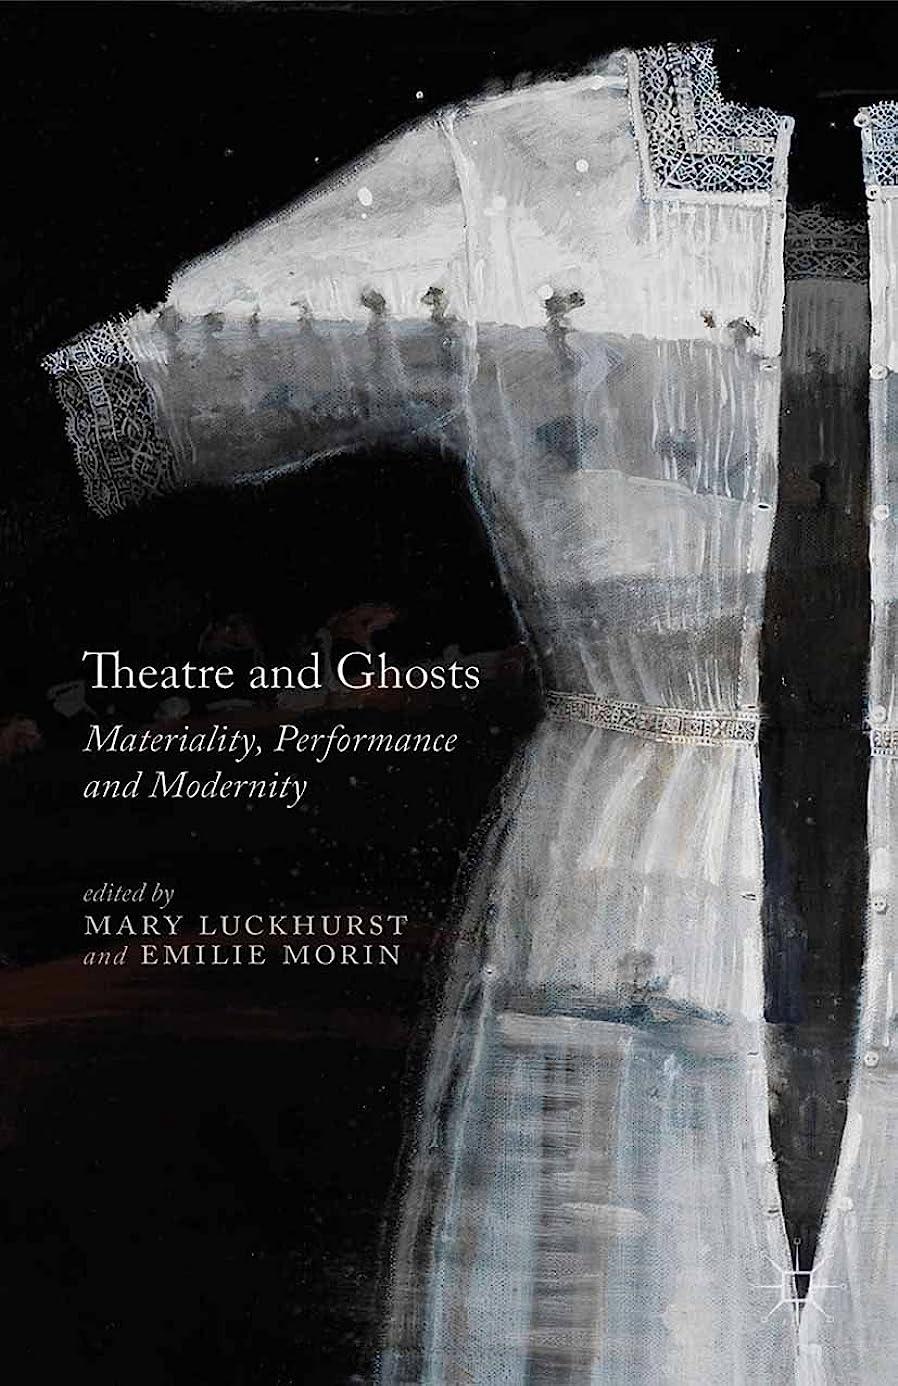 即席衝突コース他のバンドでTheatre and Ghosts: Materiality, Performance and Modernity (English Edition)